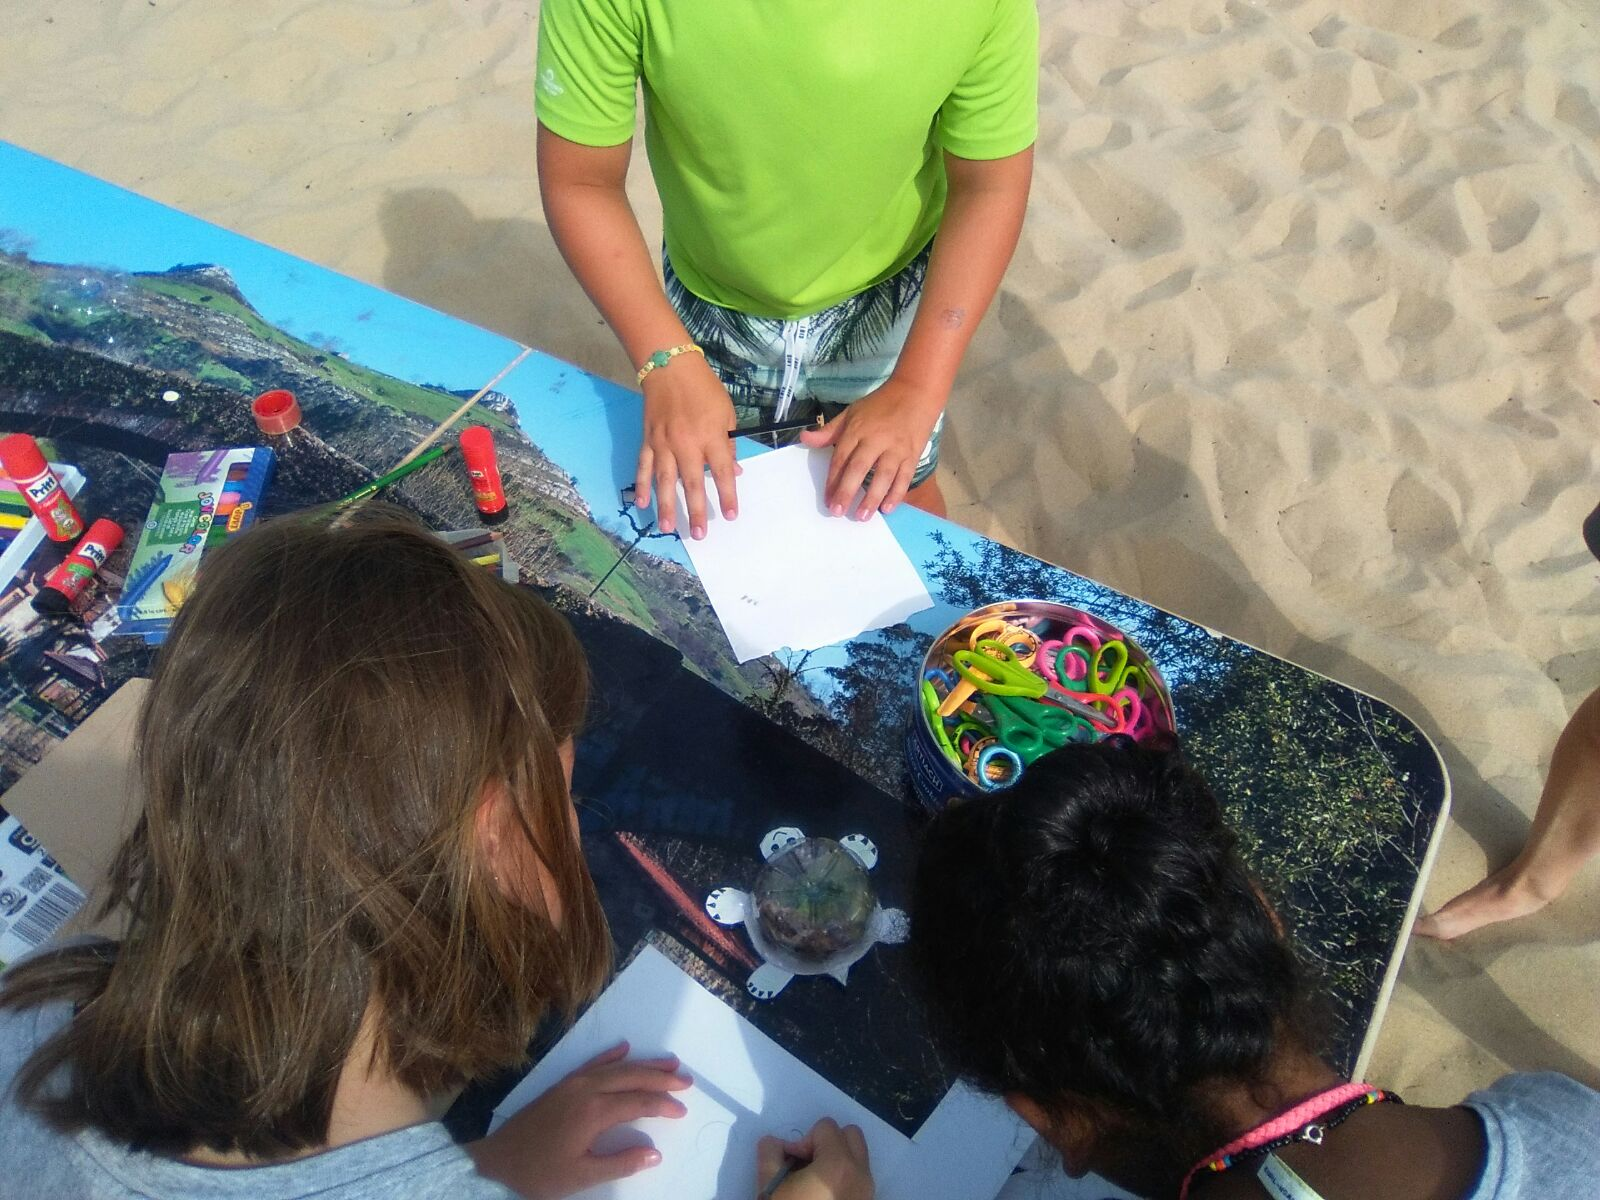 Haciendo tortuga con botella plástico y cartón. Taller Ed.Ambiental LIFE Miera en dunas de Somo.